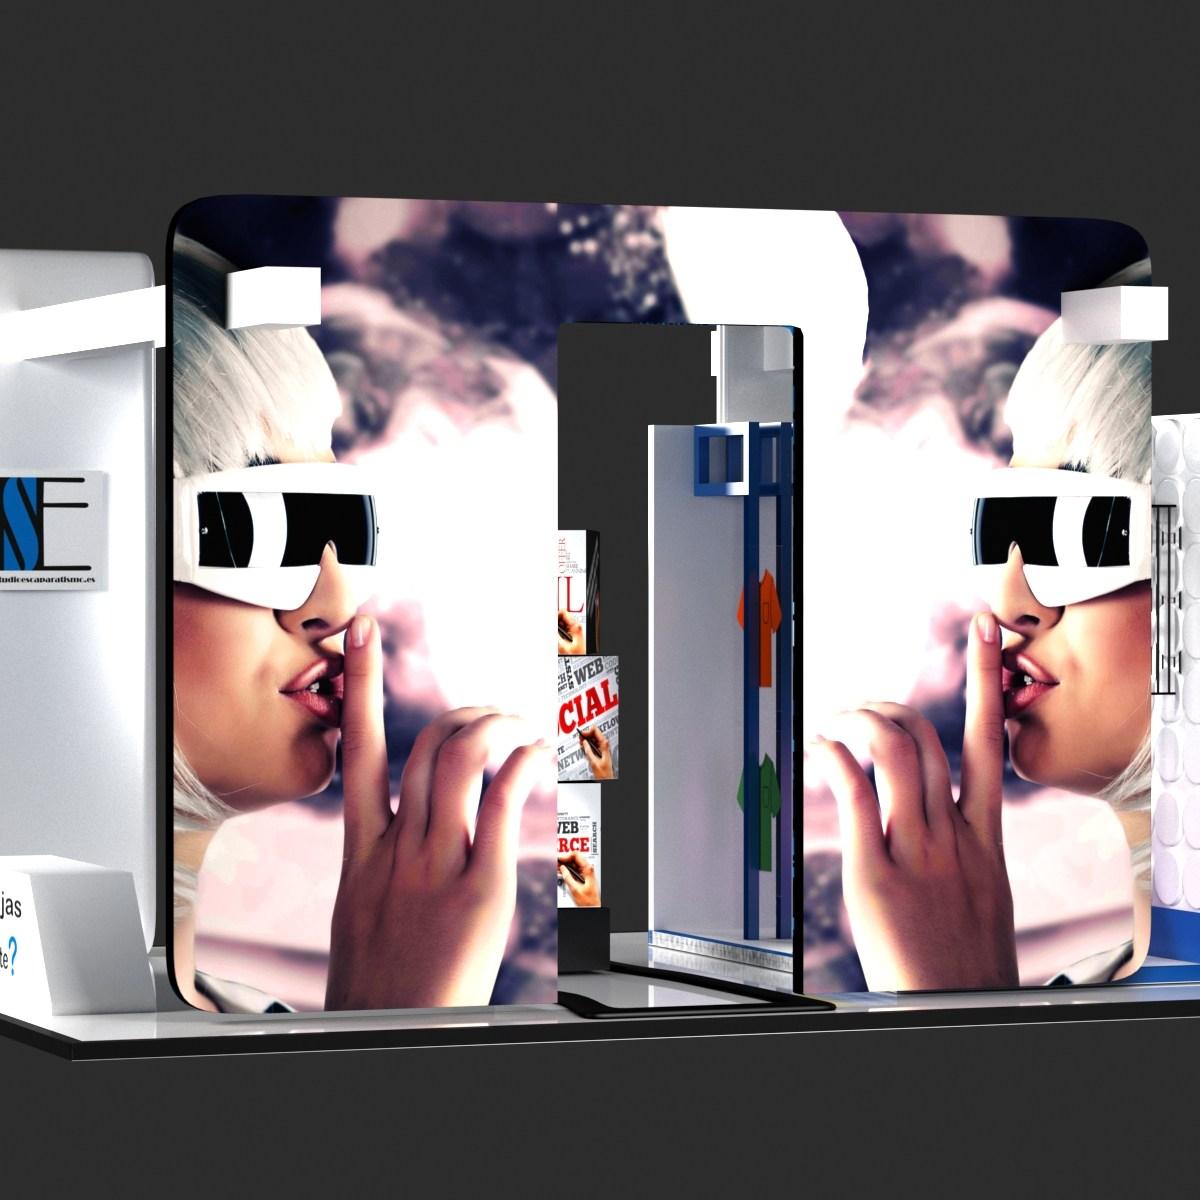 La tienda del futuro by Studio Escaparatismo